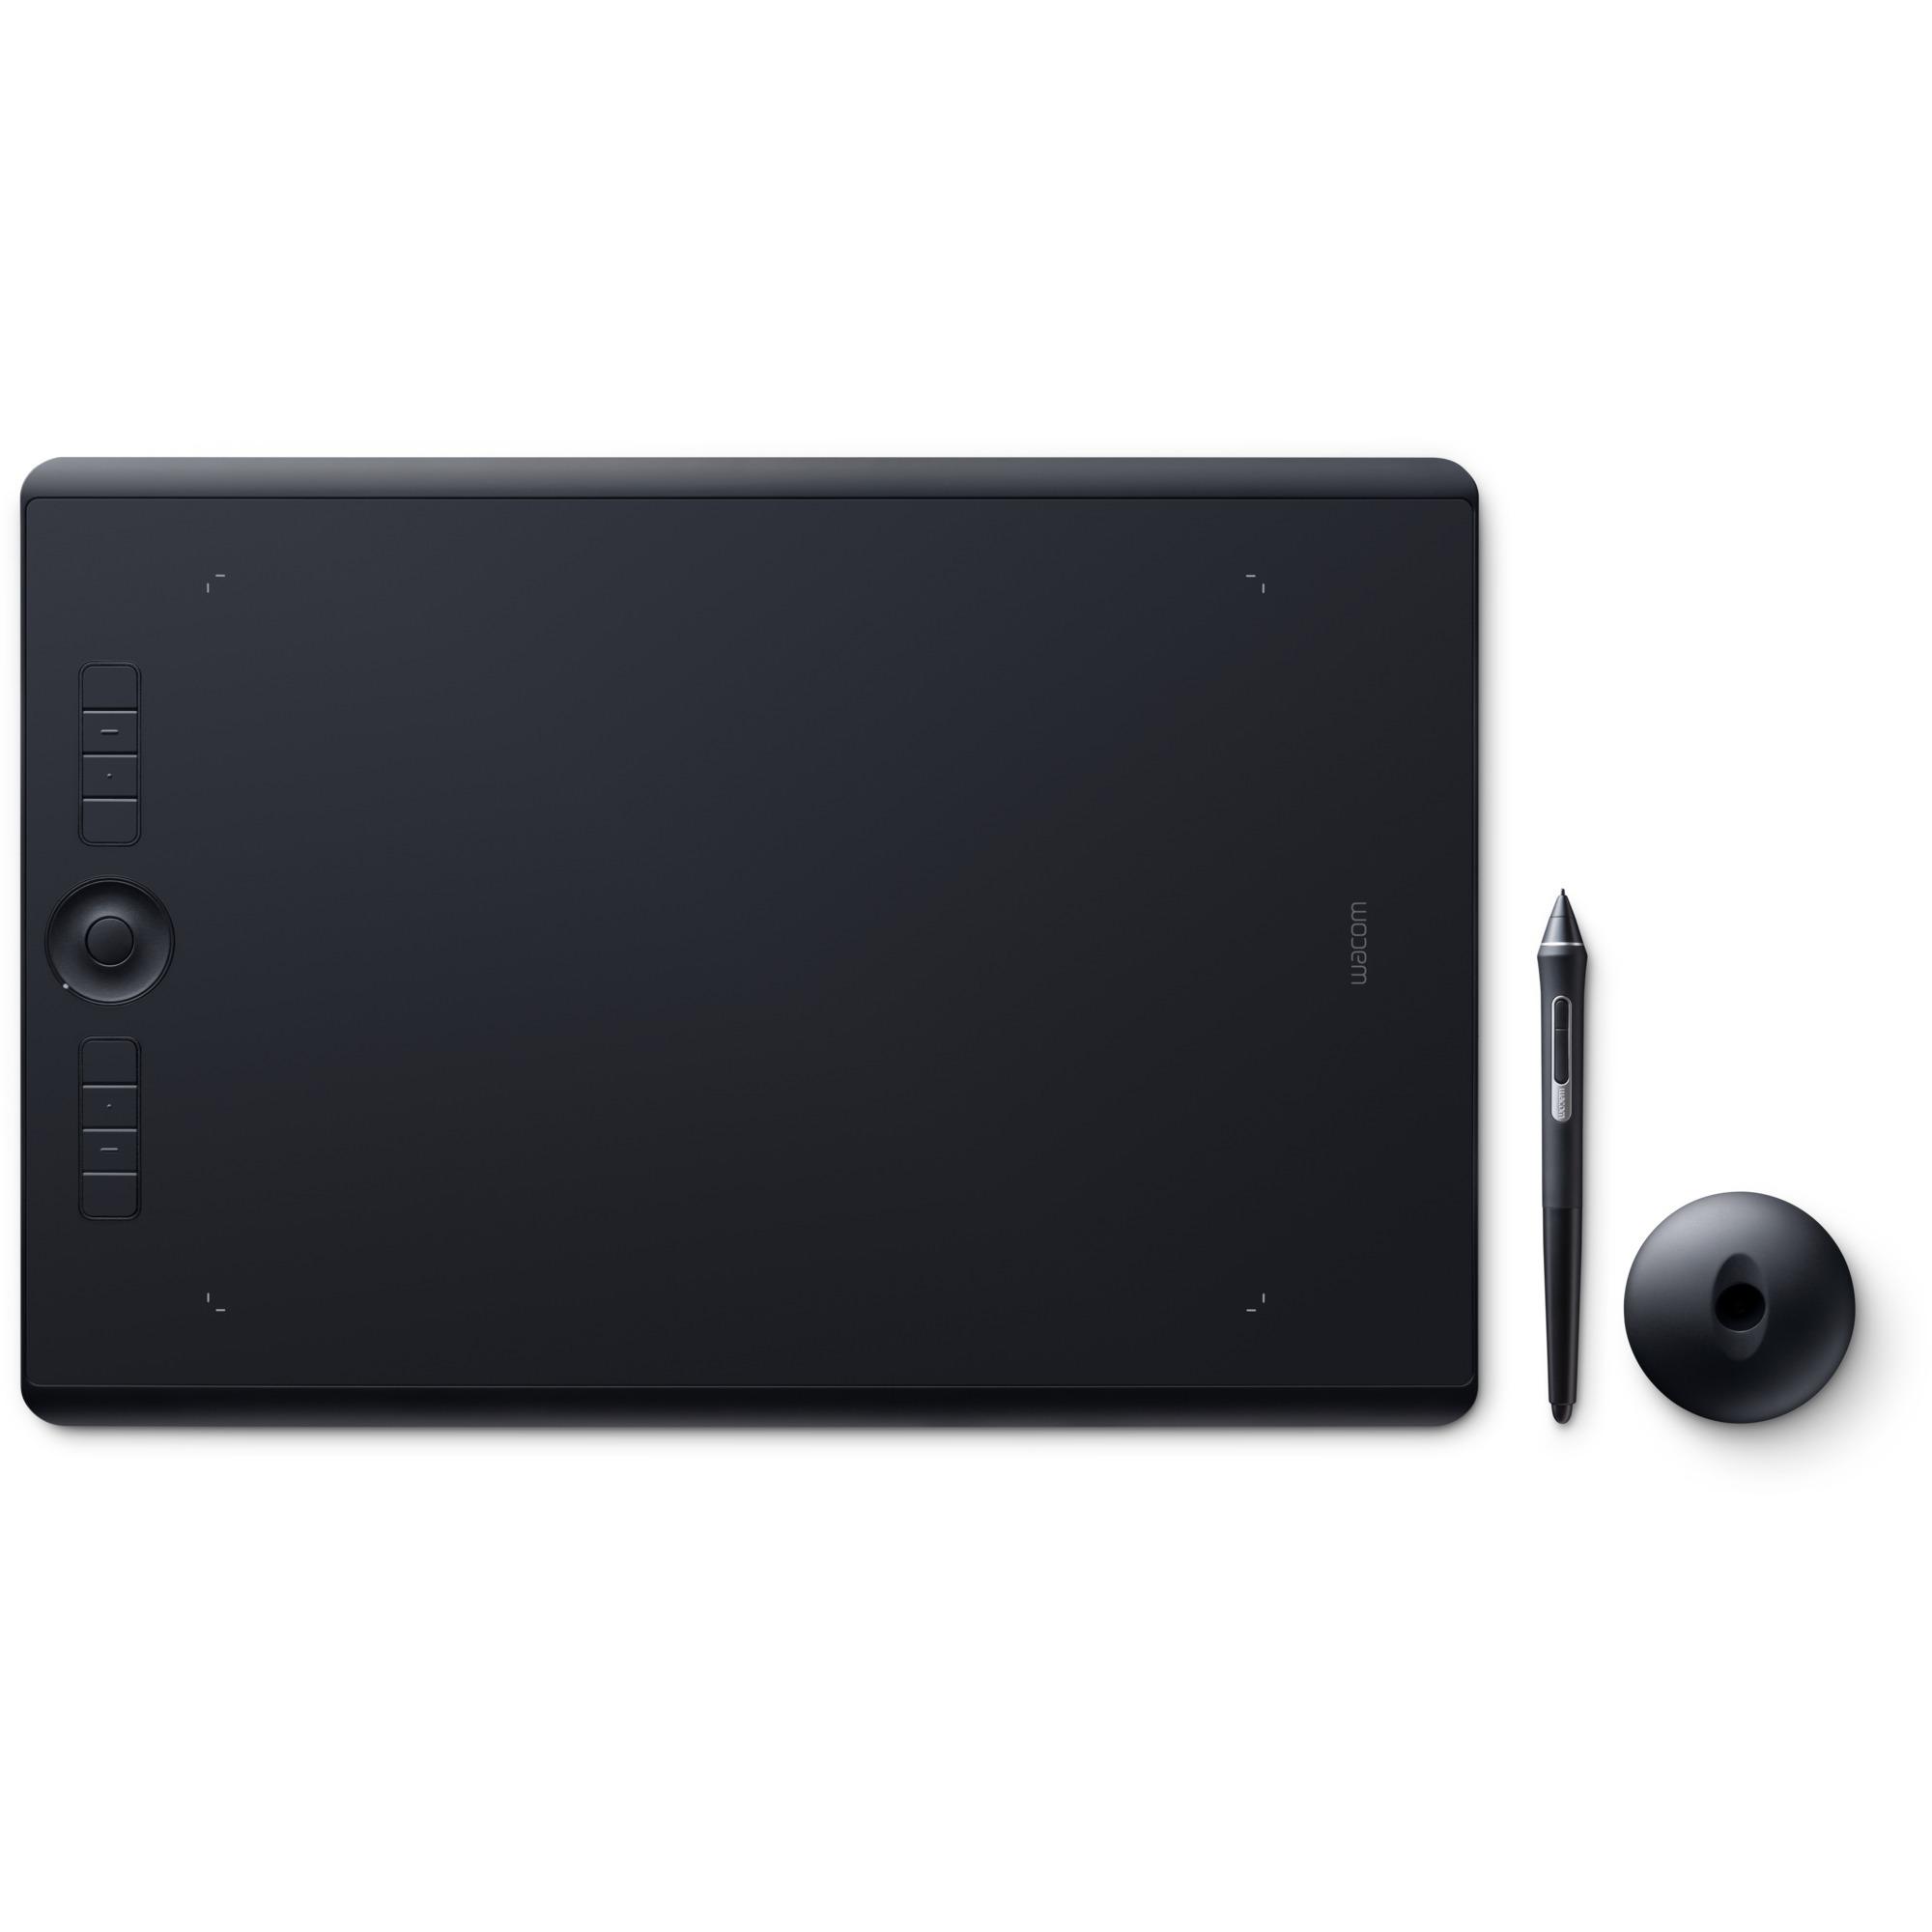 Intuos Pro 5080lpi 224 x 148mm USB/Bluetooth Noir tablette graphique